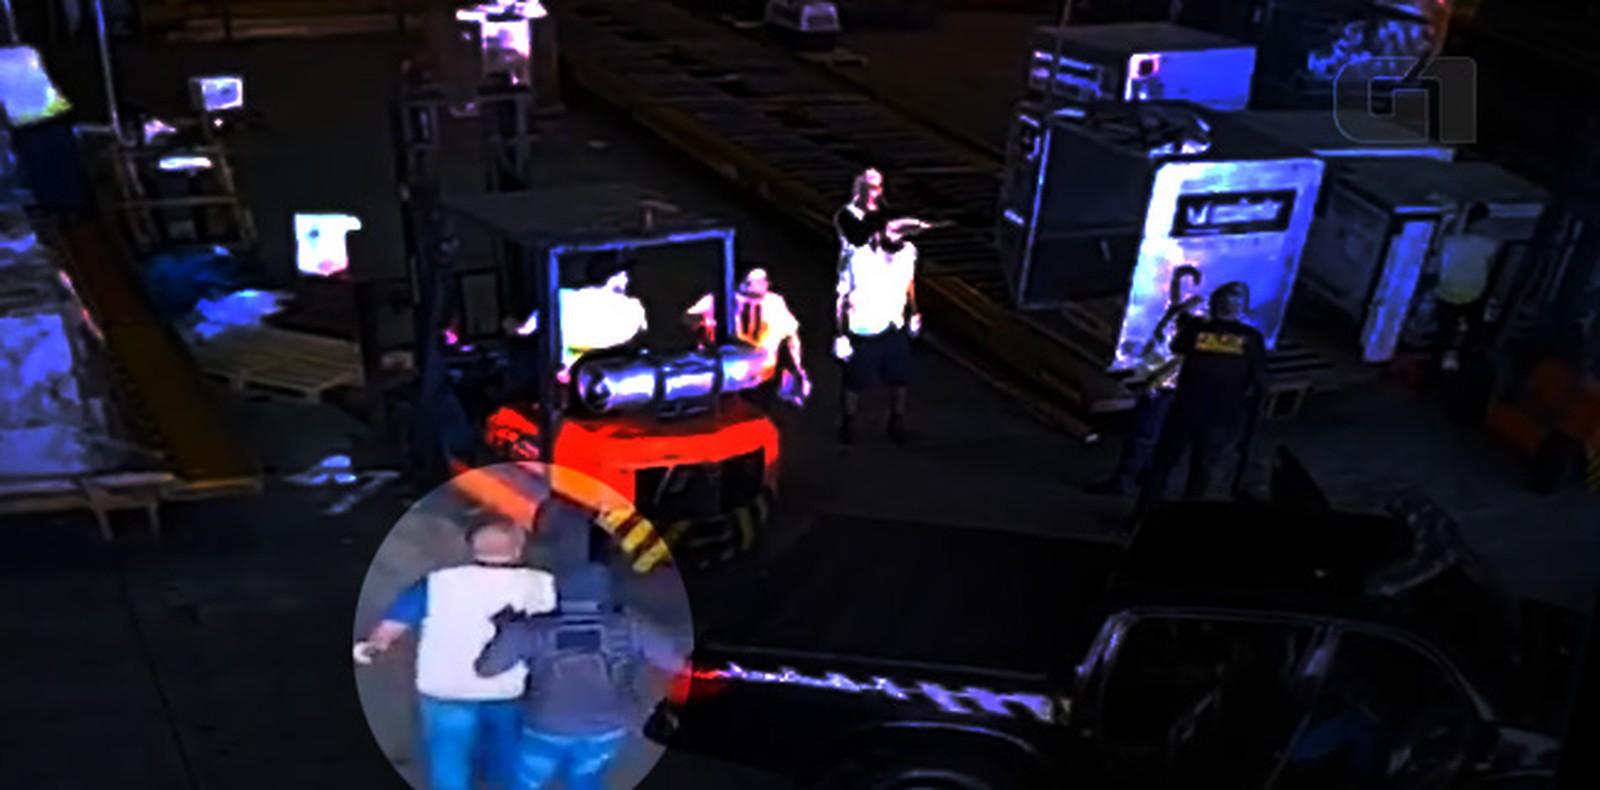 O caso aconteceu na tarde da última quinta-feira (25). Câmeras de segurança registraram a ação dentro do terminal — © Reprodução